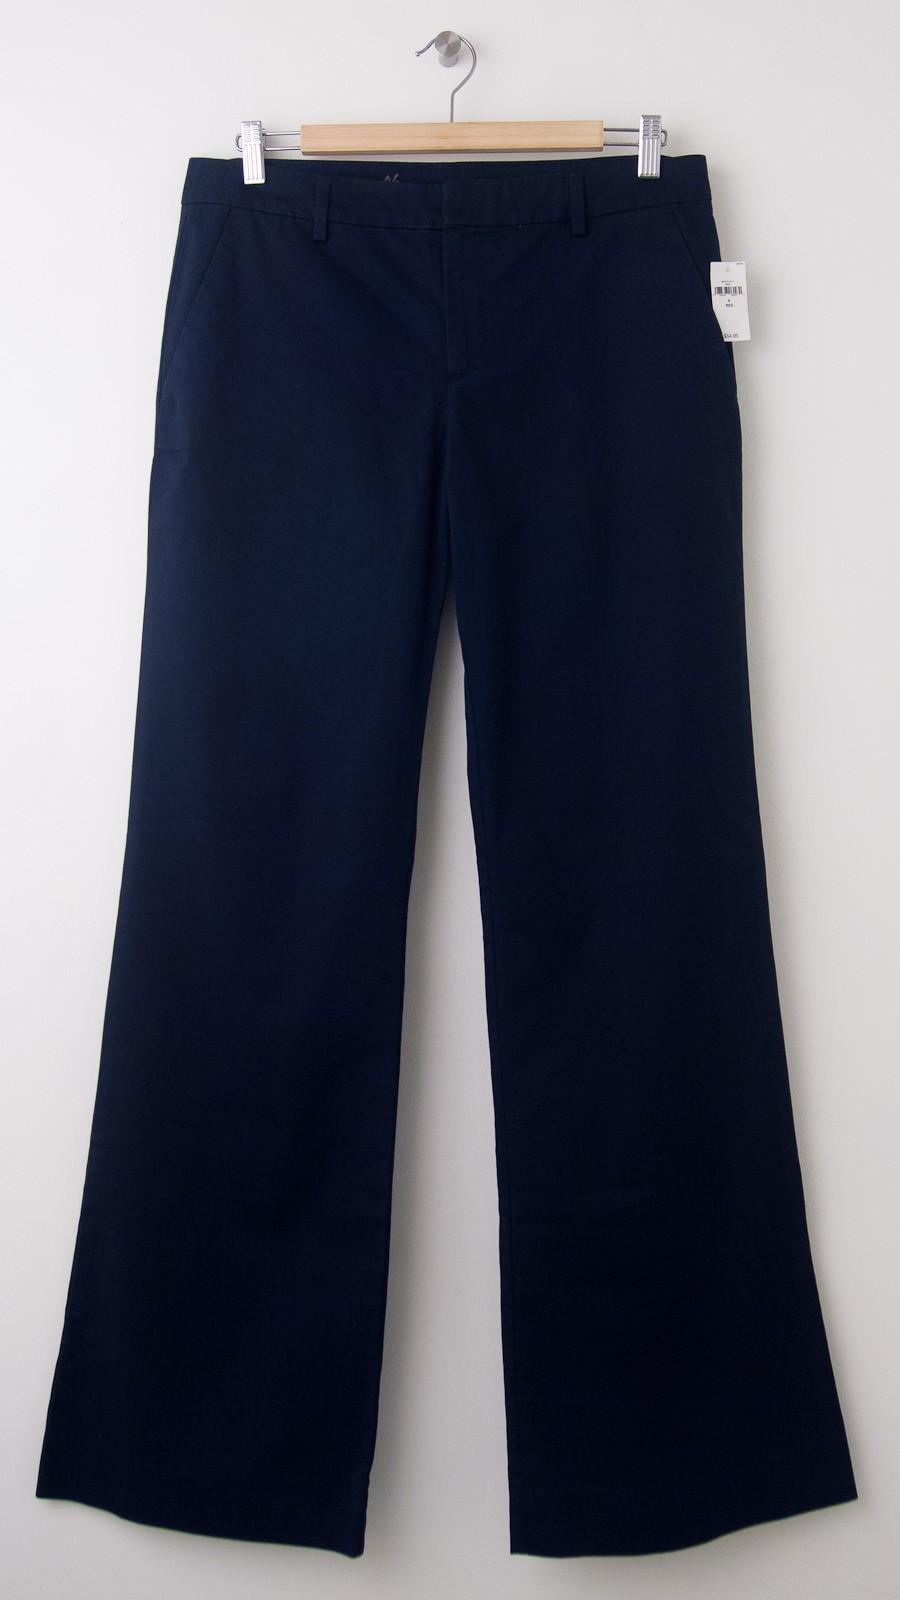 Simple BlueKhakiPantsForWomen Dockers Classic Fit Field Khaki Pants In